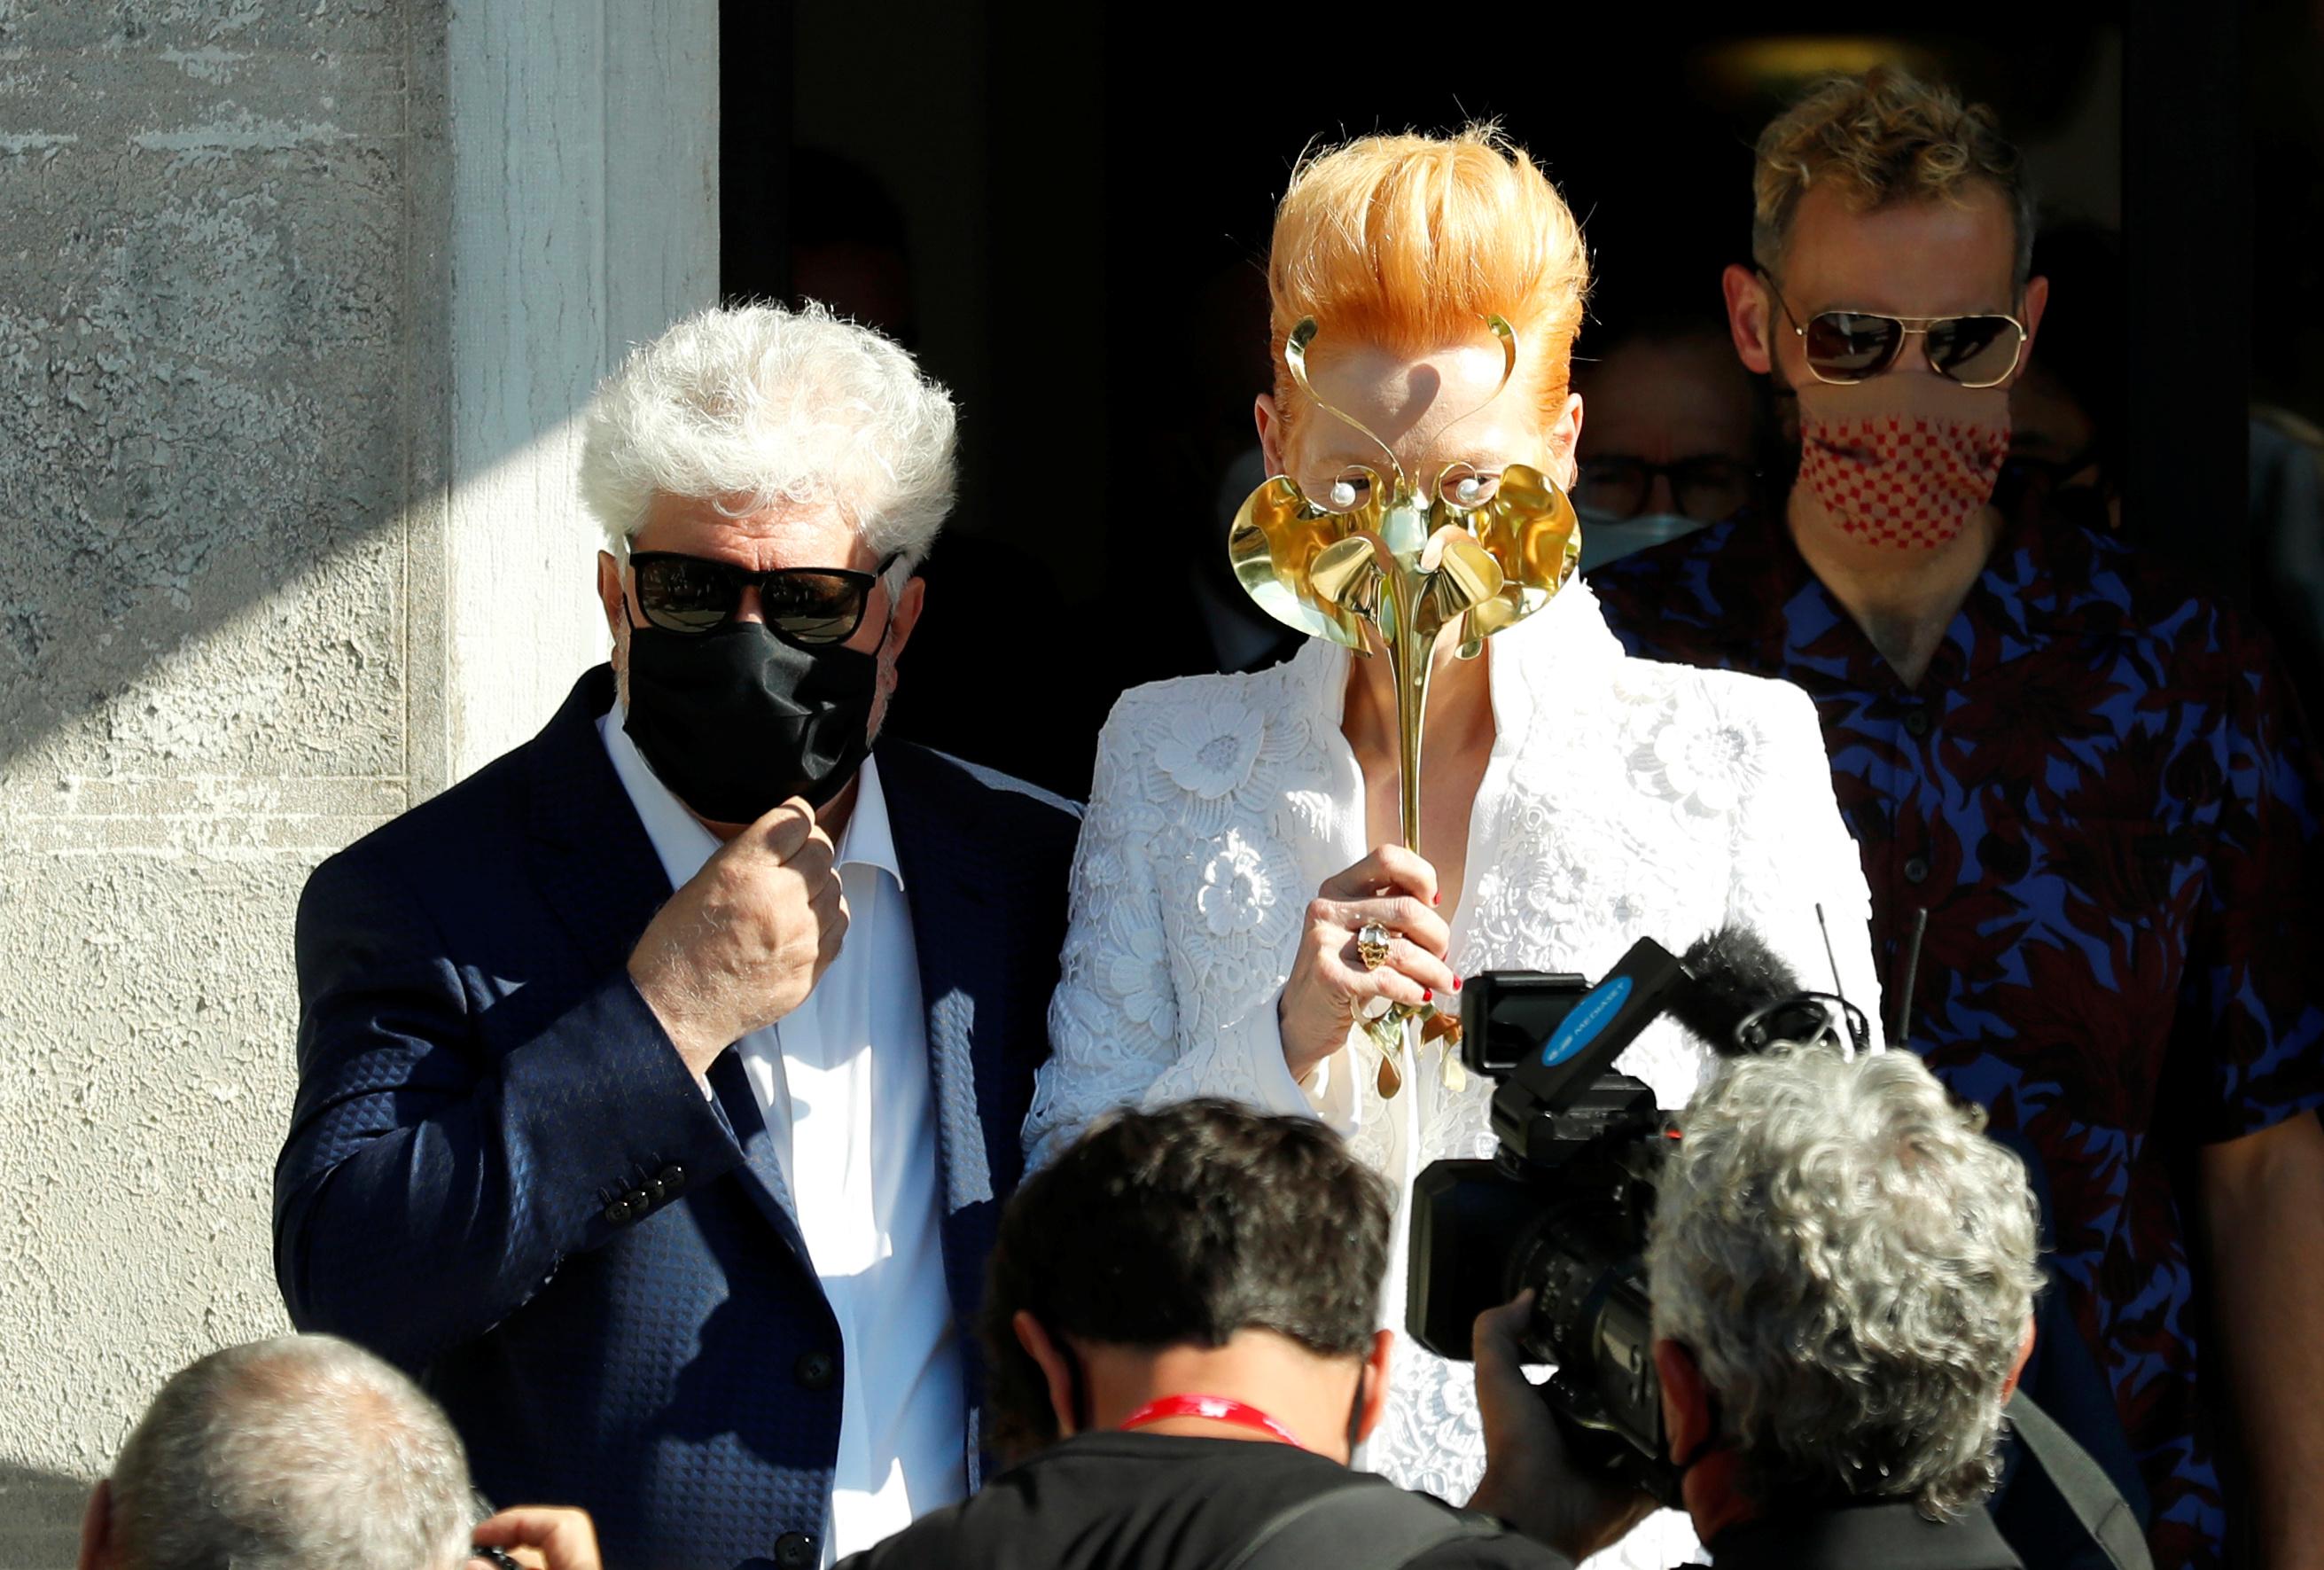 """Pedro Almodovar y Tilda Swinton posando ante las cámaras con sus tapabocas. """"Será un experimento sobre el terreno de cómo manejar un evento importante"""" en la era del coronavirus, dijo Robert Cicutto, jefe de la Biennale, al presentar el programa del festival para este año que se realizará hasta el 12 de septiembre."""